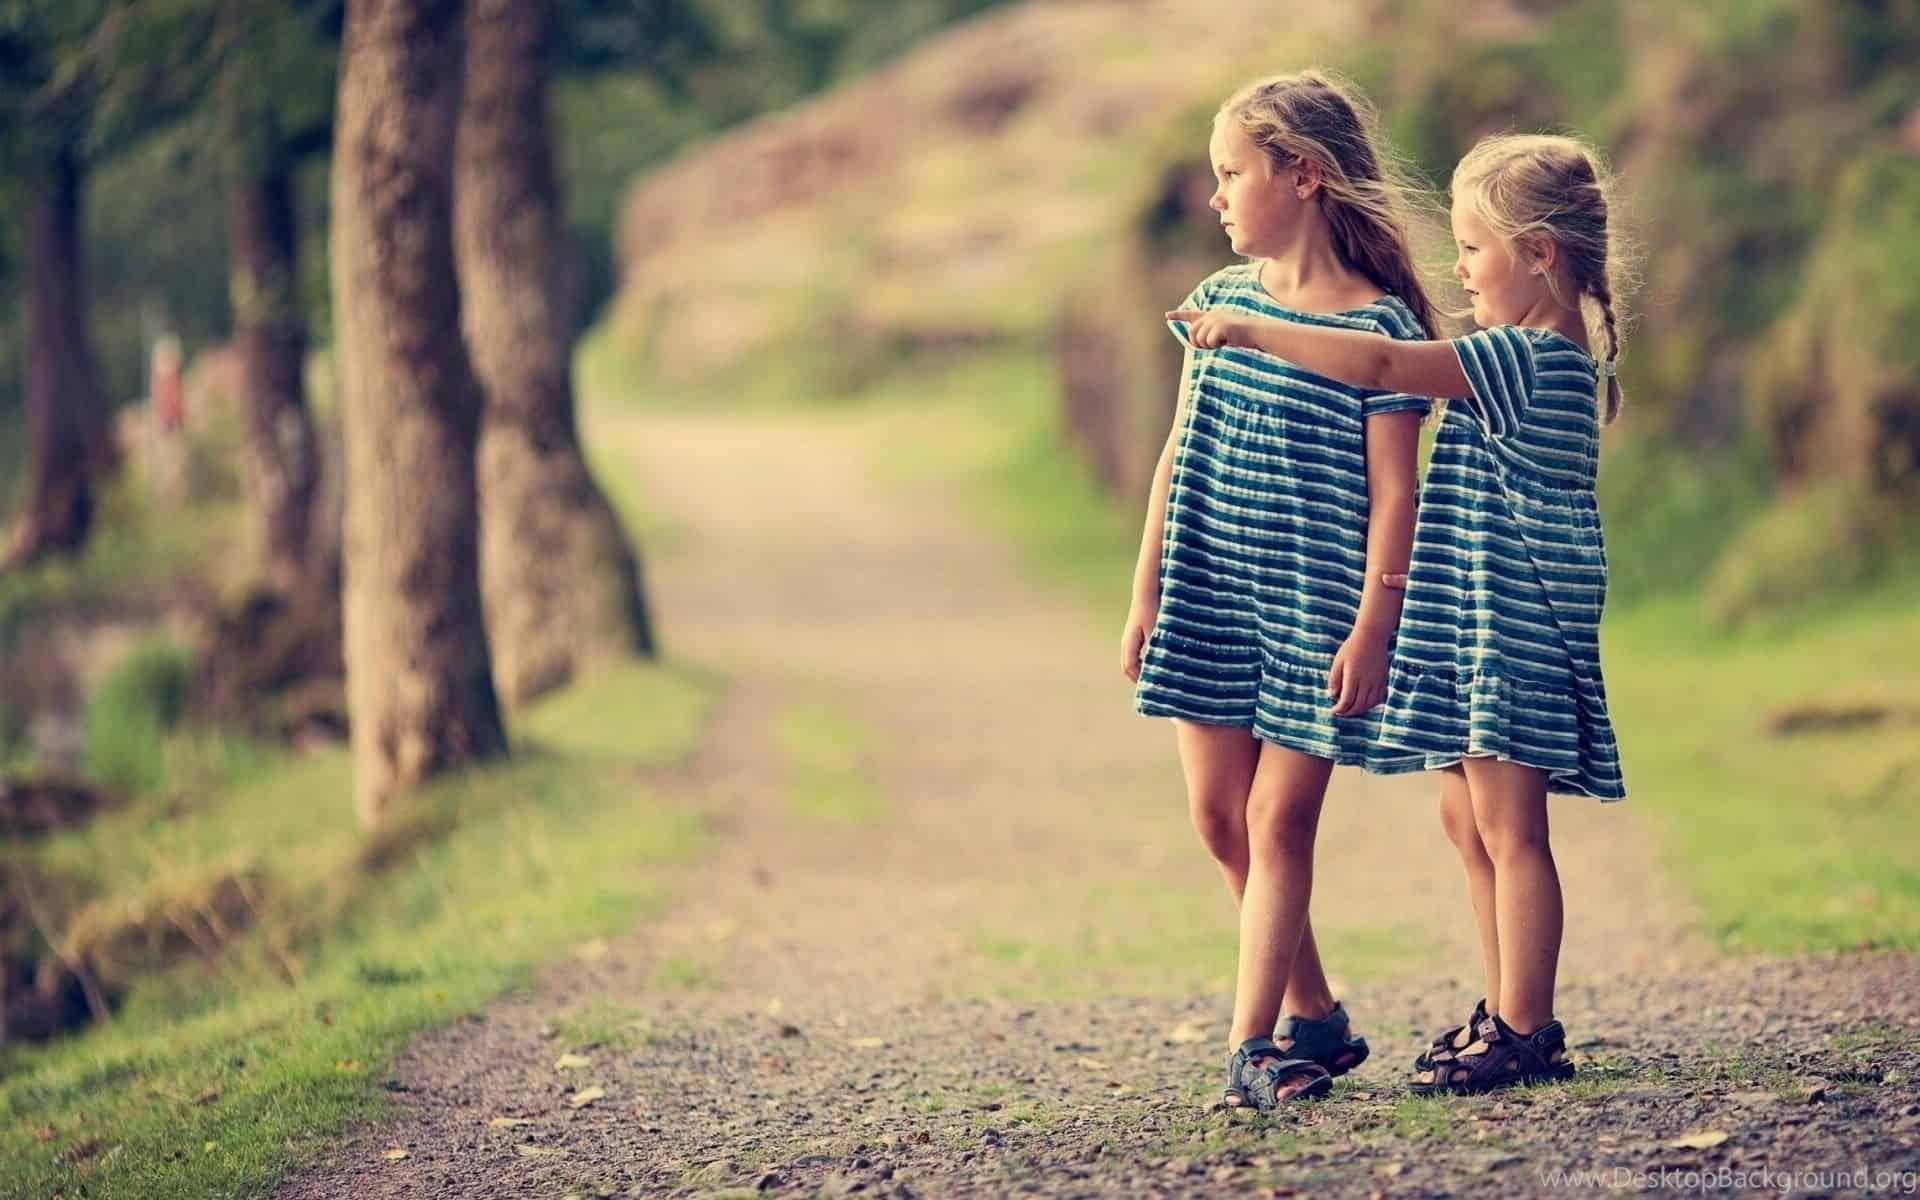 دعاء لصديقتي الحزينة المهمومة ادعية لصديقتى ادعية للاصدقاء الدعاء للاصدقاء الصداقة Little Girl Wallpaper Girl Cute Little Girls